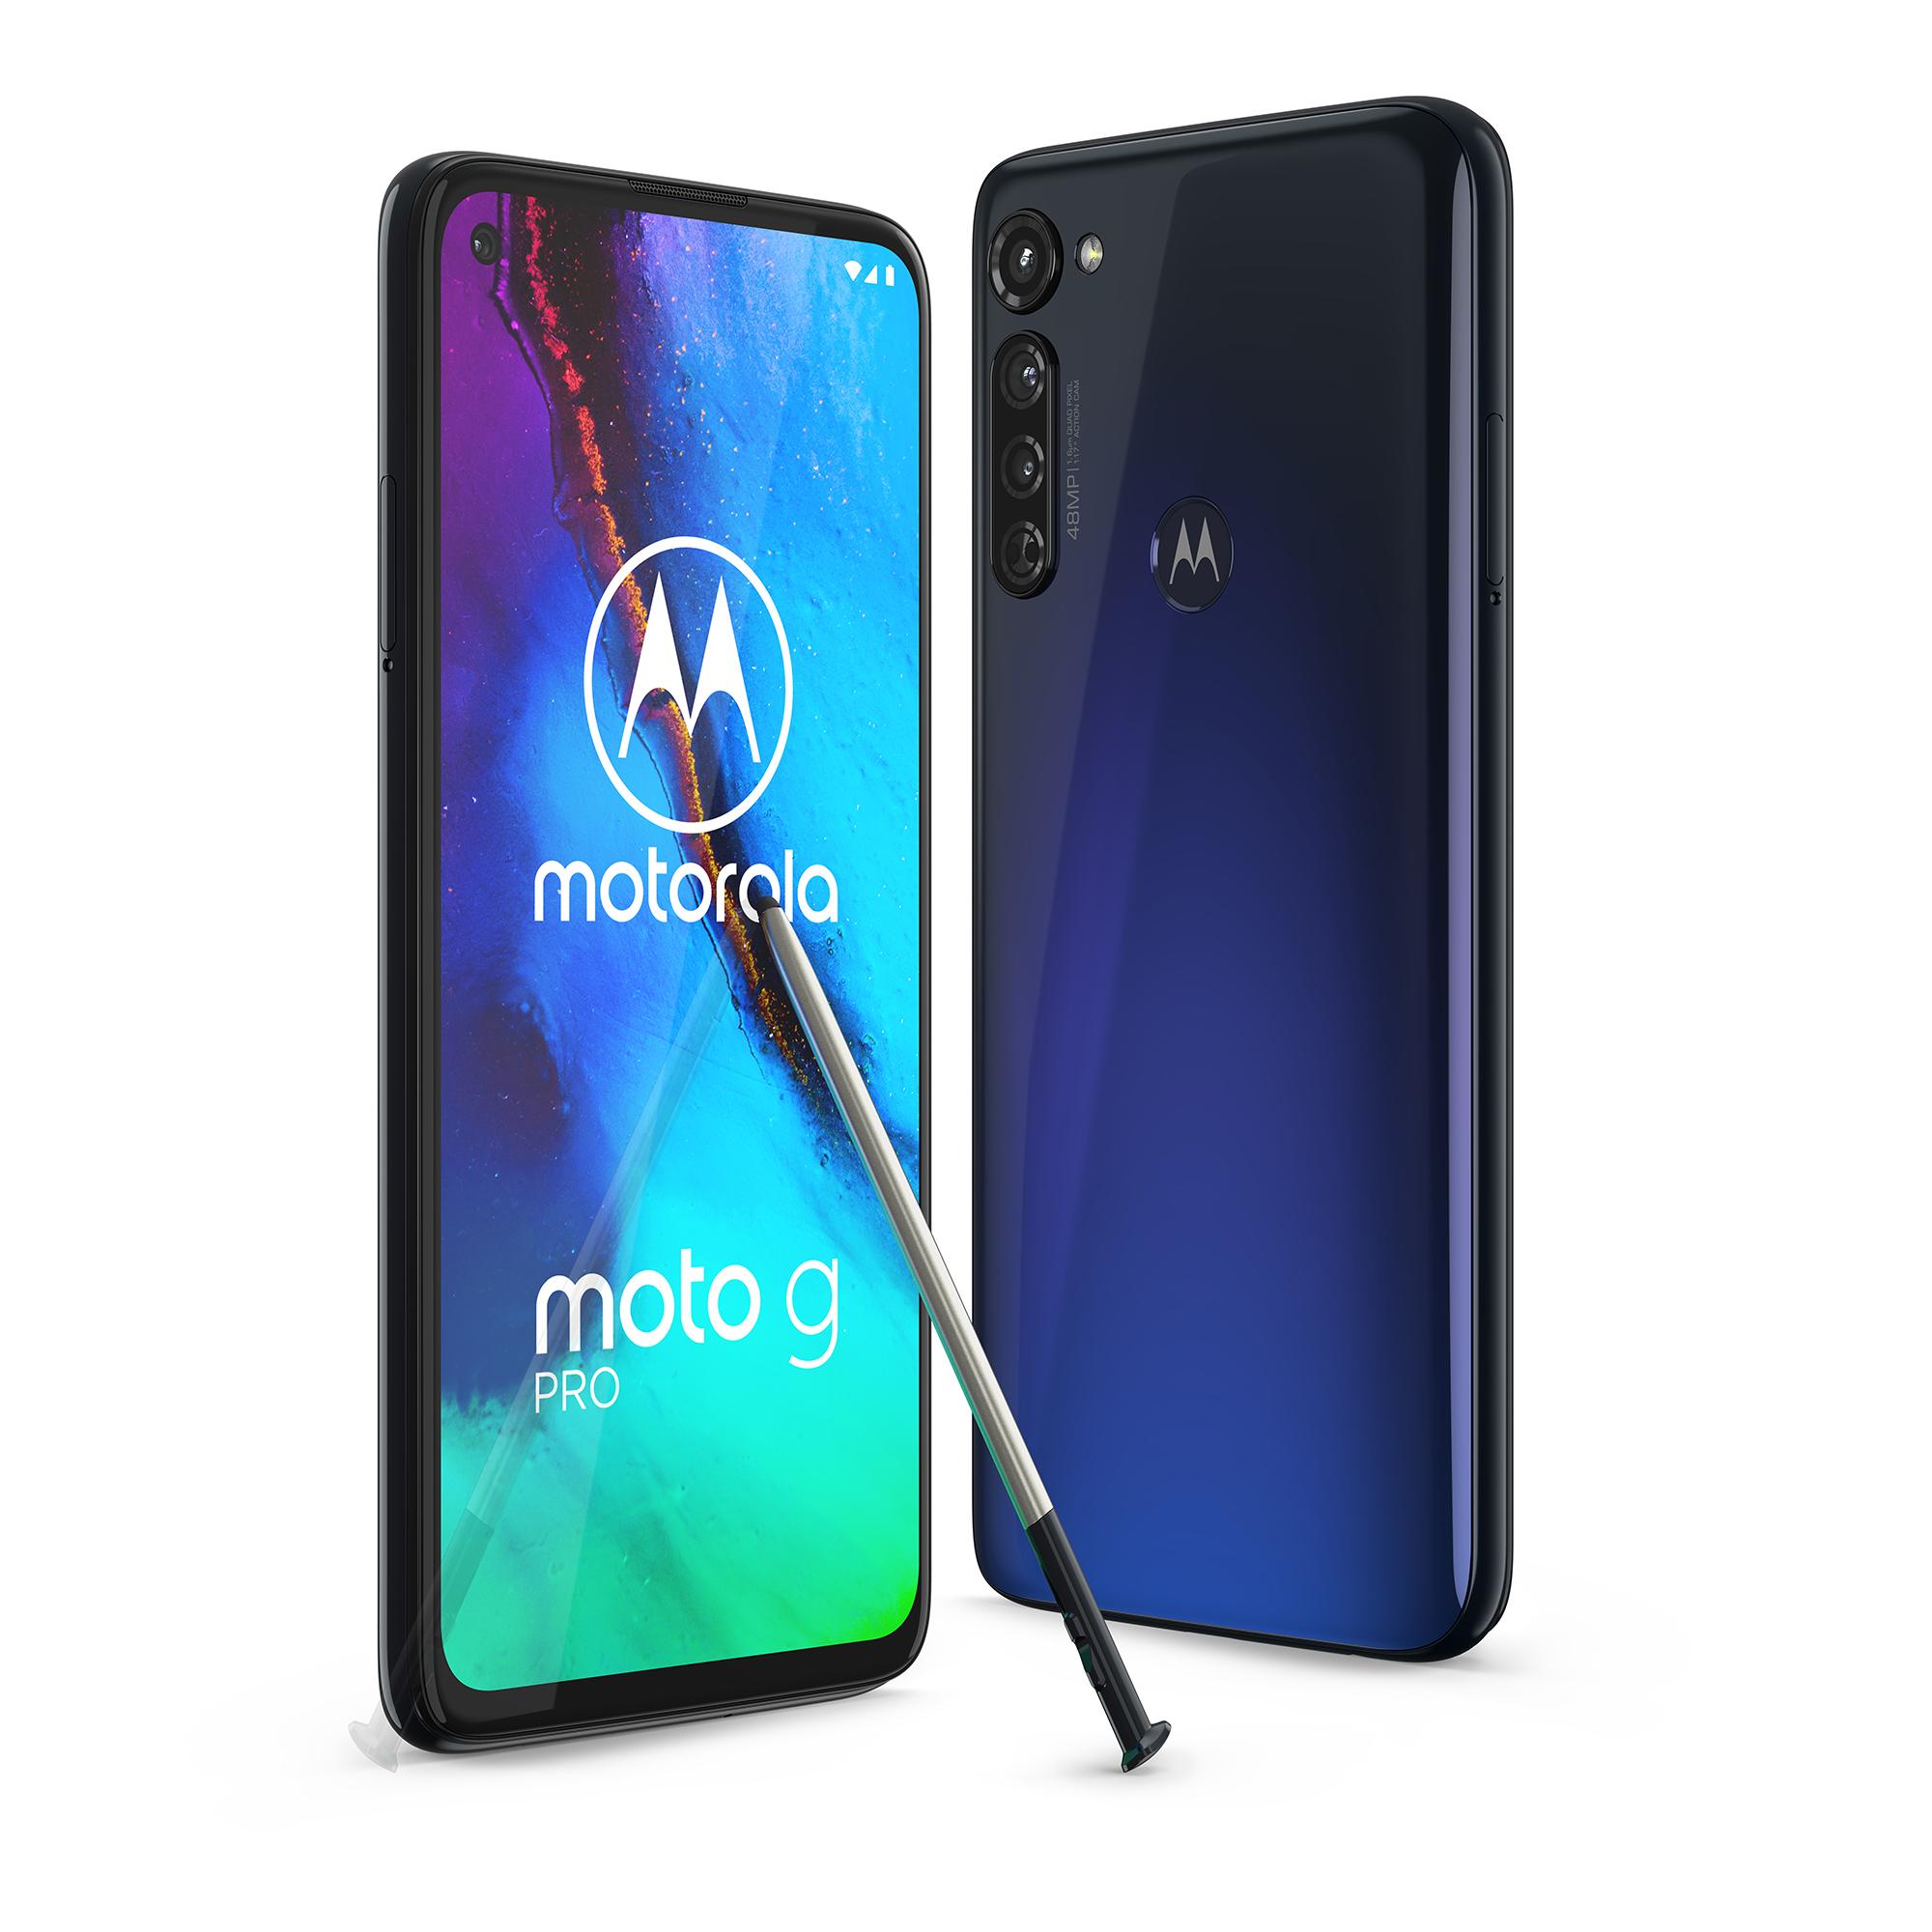 Motorola presenterar Moto G Pro Var mer produktiv med penna